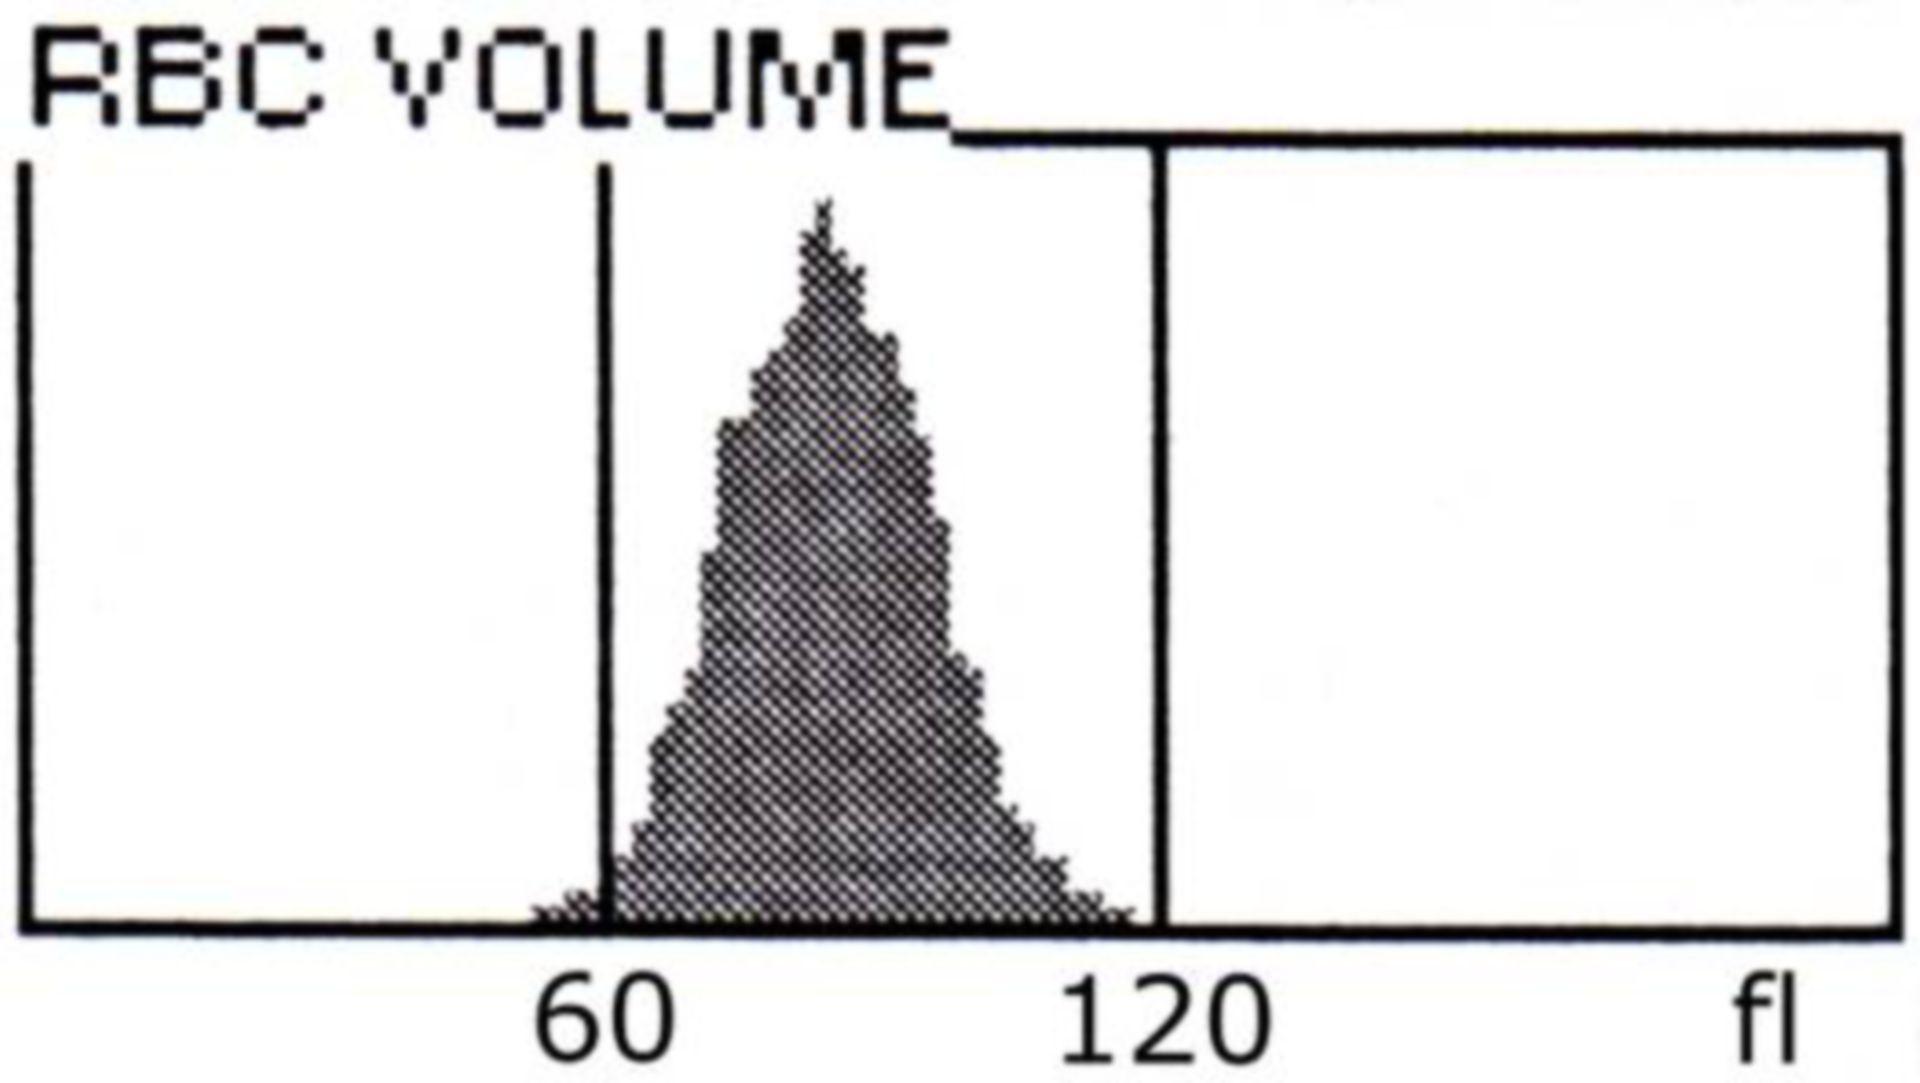 Histogramm des Erythrozytenvolumens